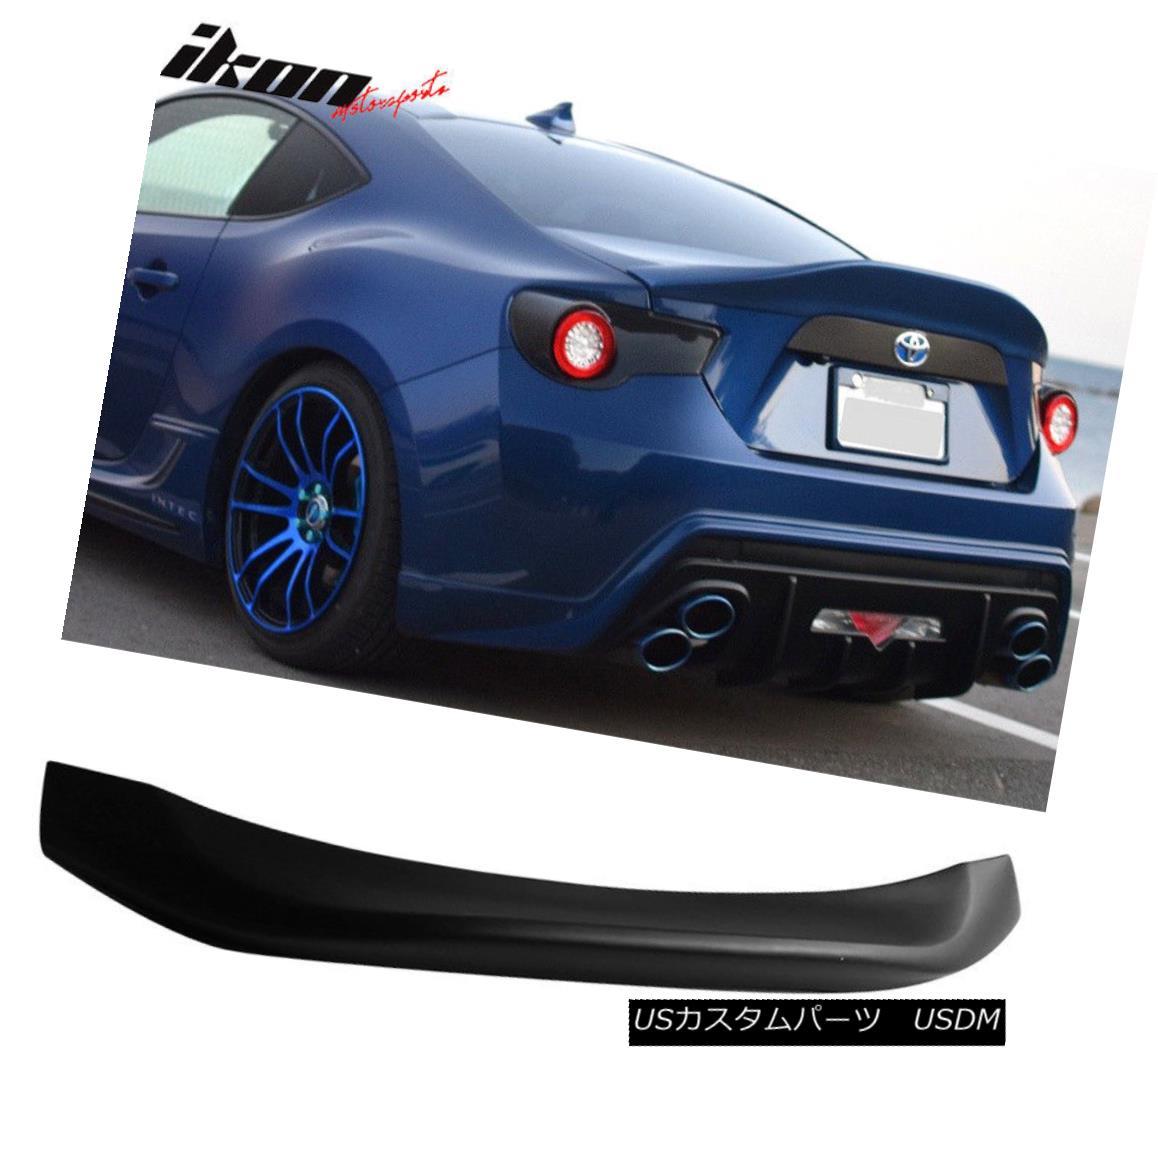 エアロパーツ Fits 13-17 Scion FRS GT86 L Type Matte Black Trunk Spoiler Wing PP フィット13-17サイオンFRS GT86 LタイプマットブラックトランクスポイラーウイングPP